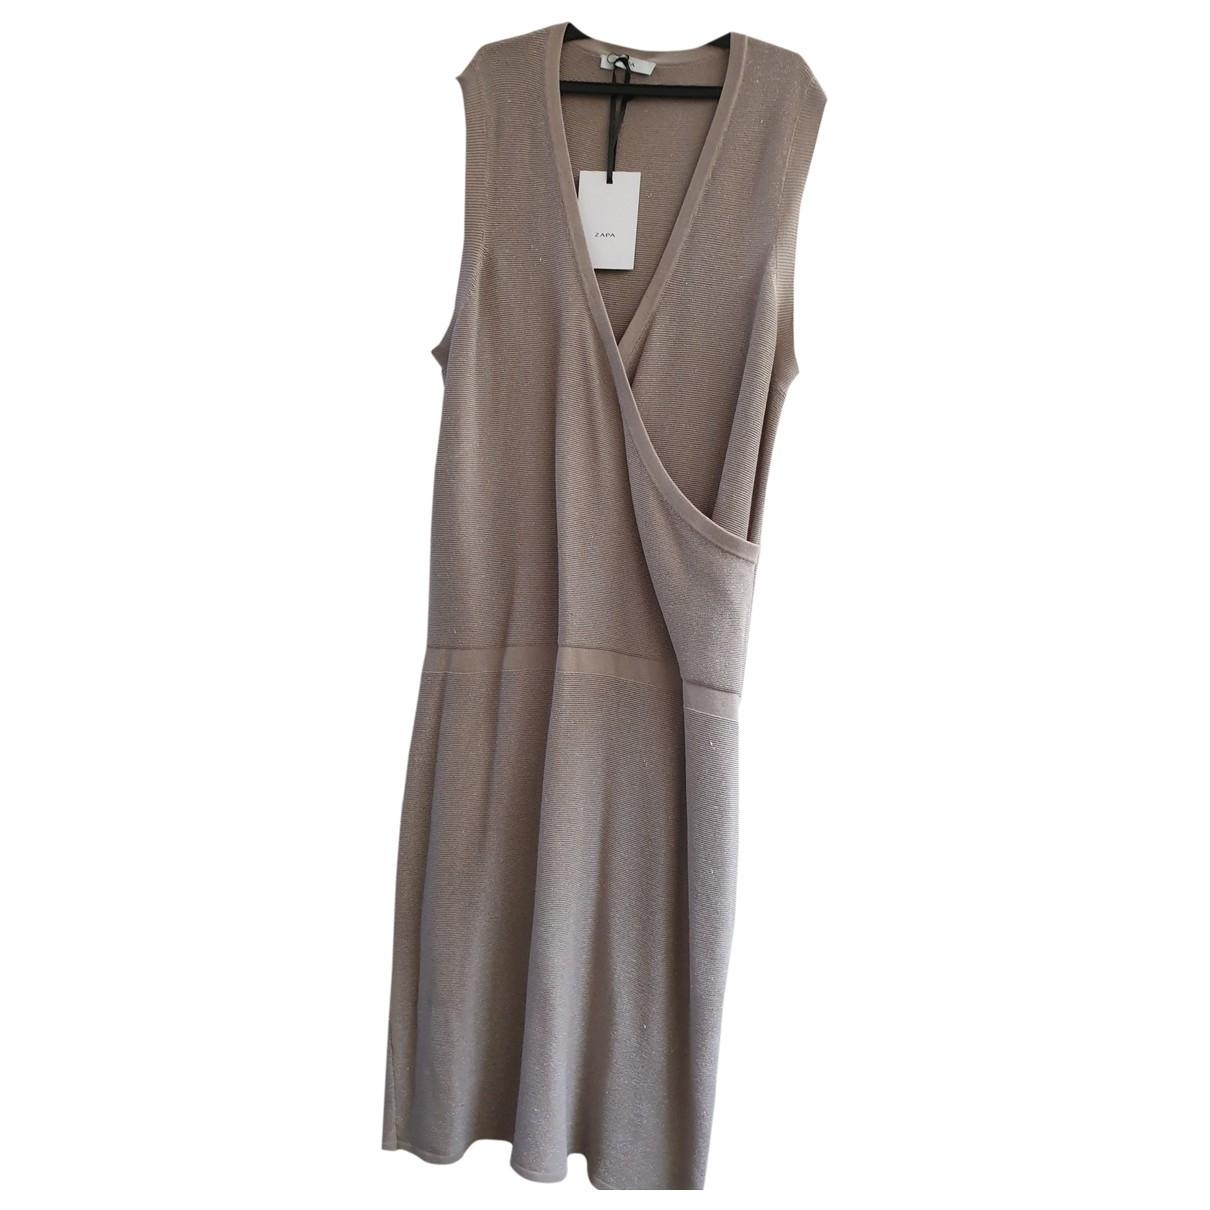 Zapa \N Kleid in Baumwolle - Elasthan